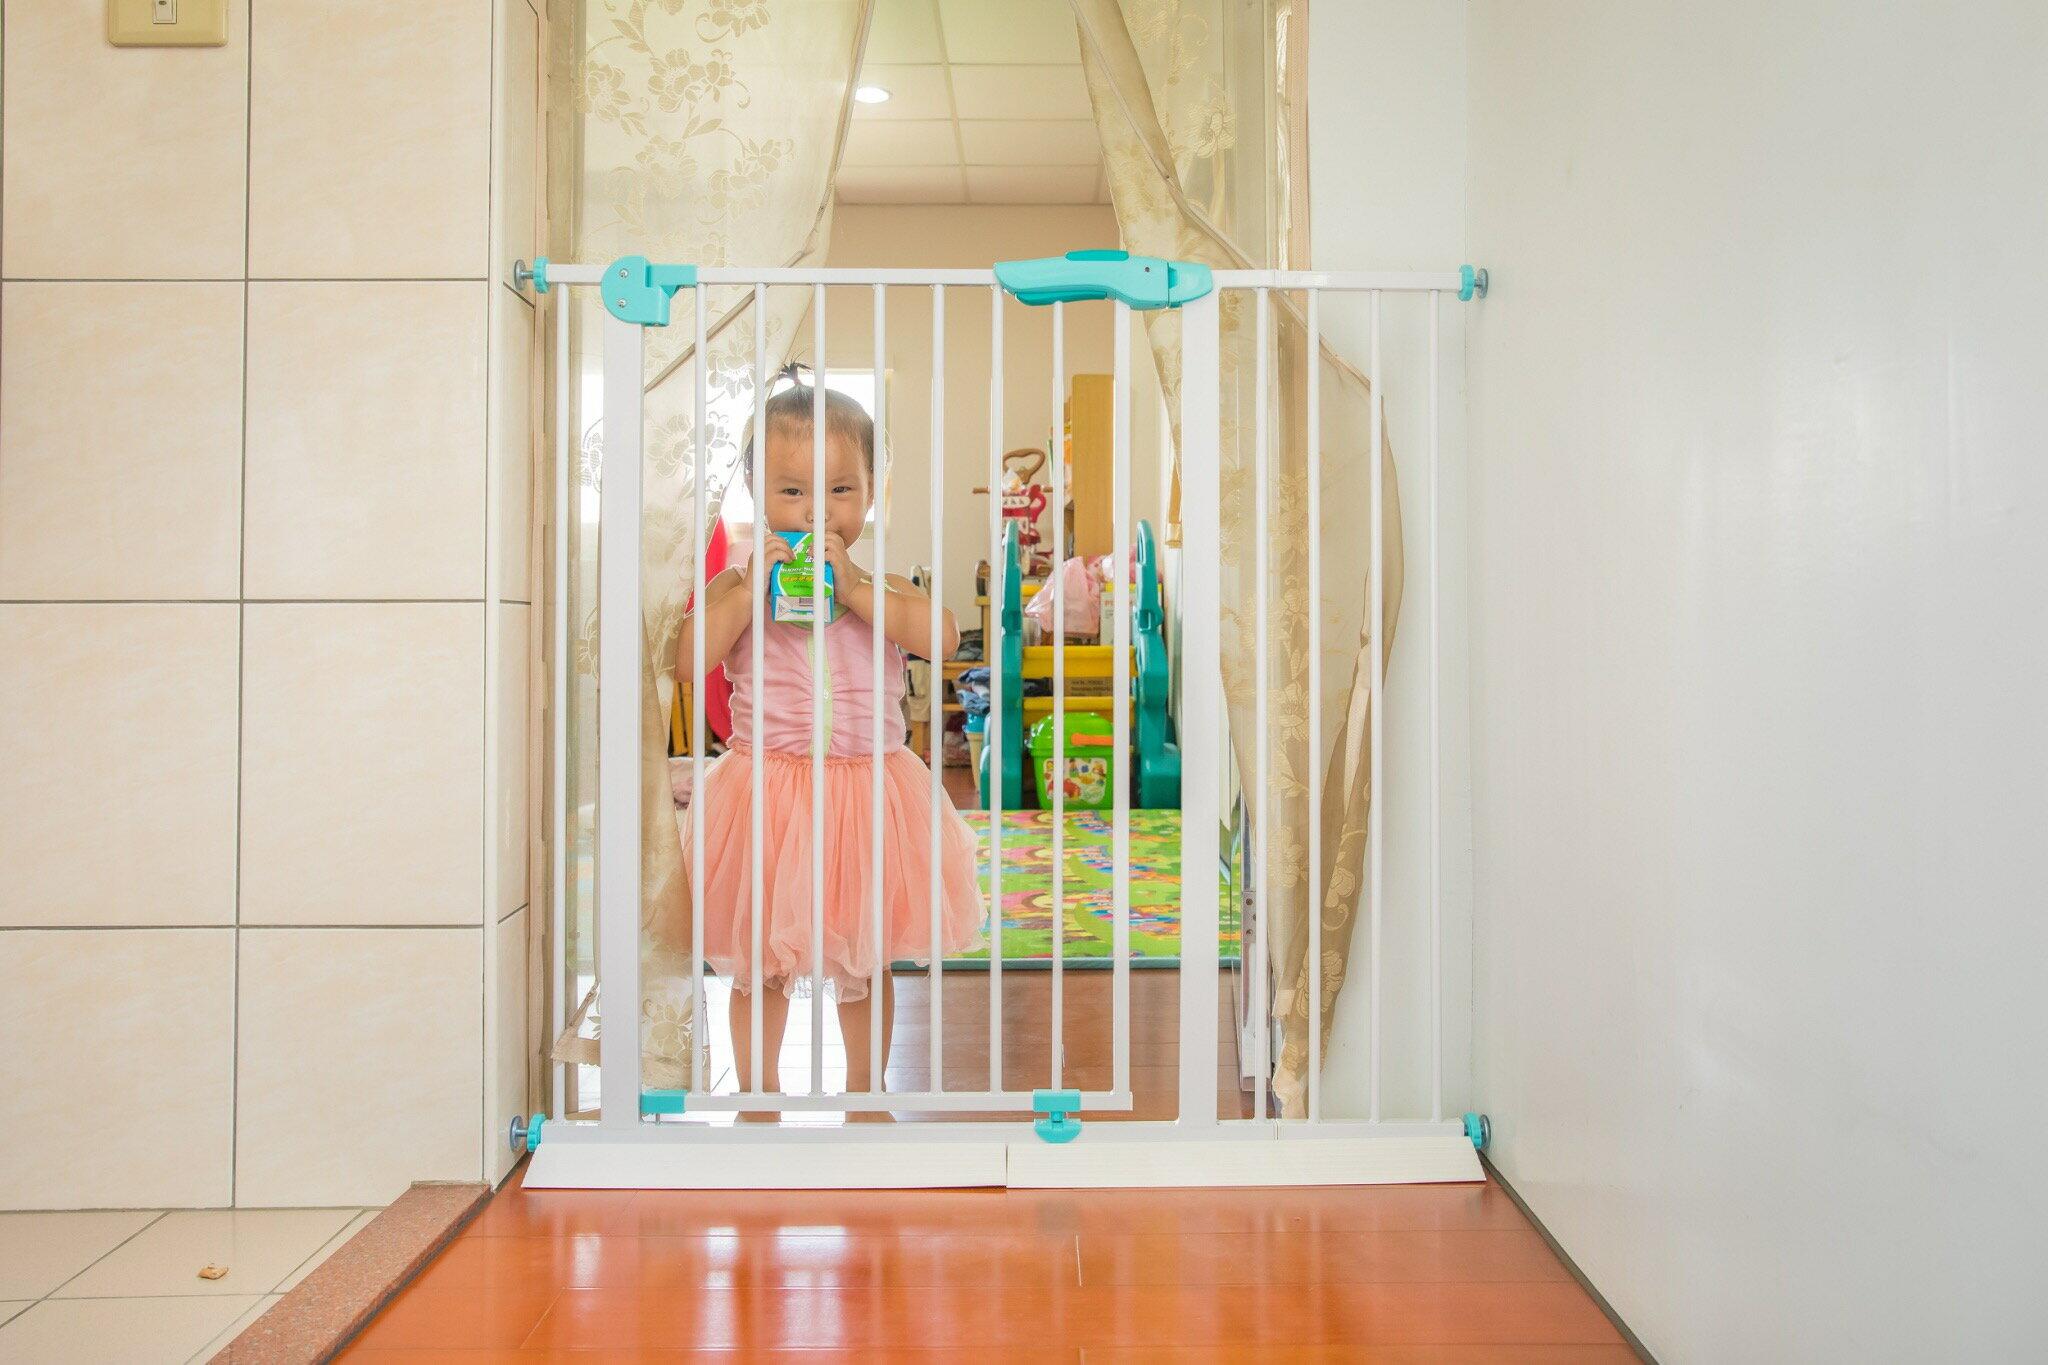 babysafe 新款 嬰兒童安全門欄 寶寶樓梯防護欄 寵物圍欄 寵物柵欄 狗柵欄 隔離門 加高100cm